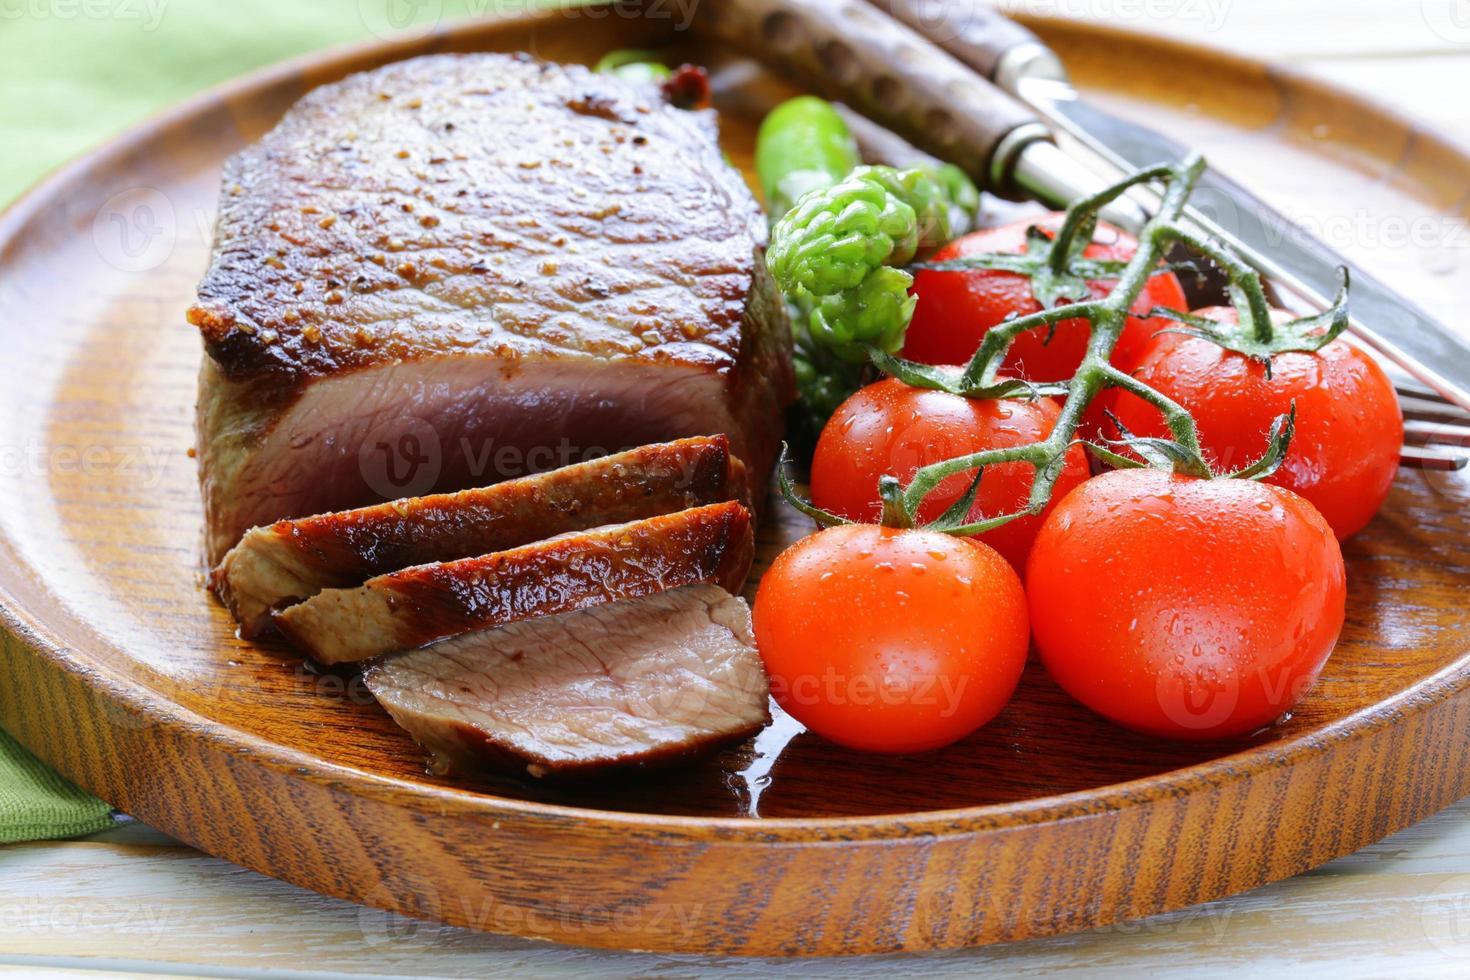 bife de carne grelhada com guarnição de legumes (aspargos e tomates) foto